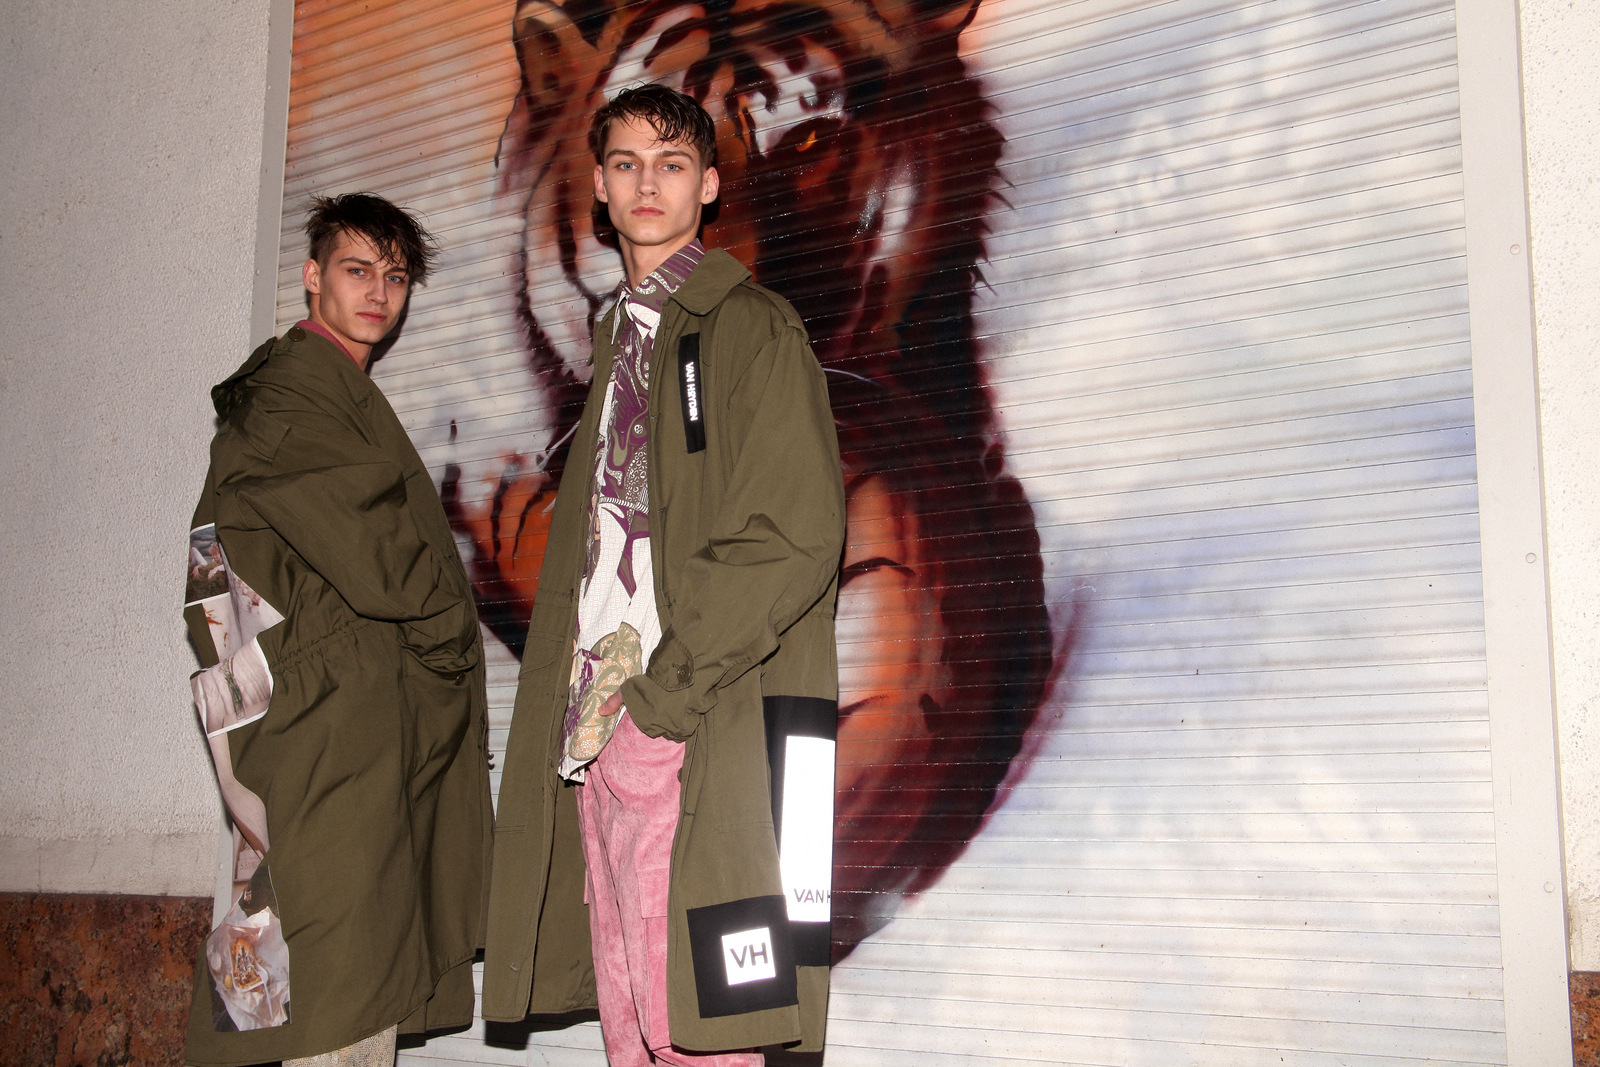 Adrian & Dominik Rynkiewicz by Rafal Piotrak Adrian & Dominik Rynkiewicz by Rafal Piotrak Vanity Teen 虚荣青年 Menswear & new faces magazine